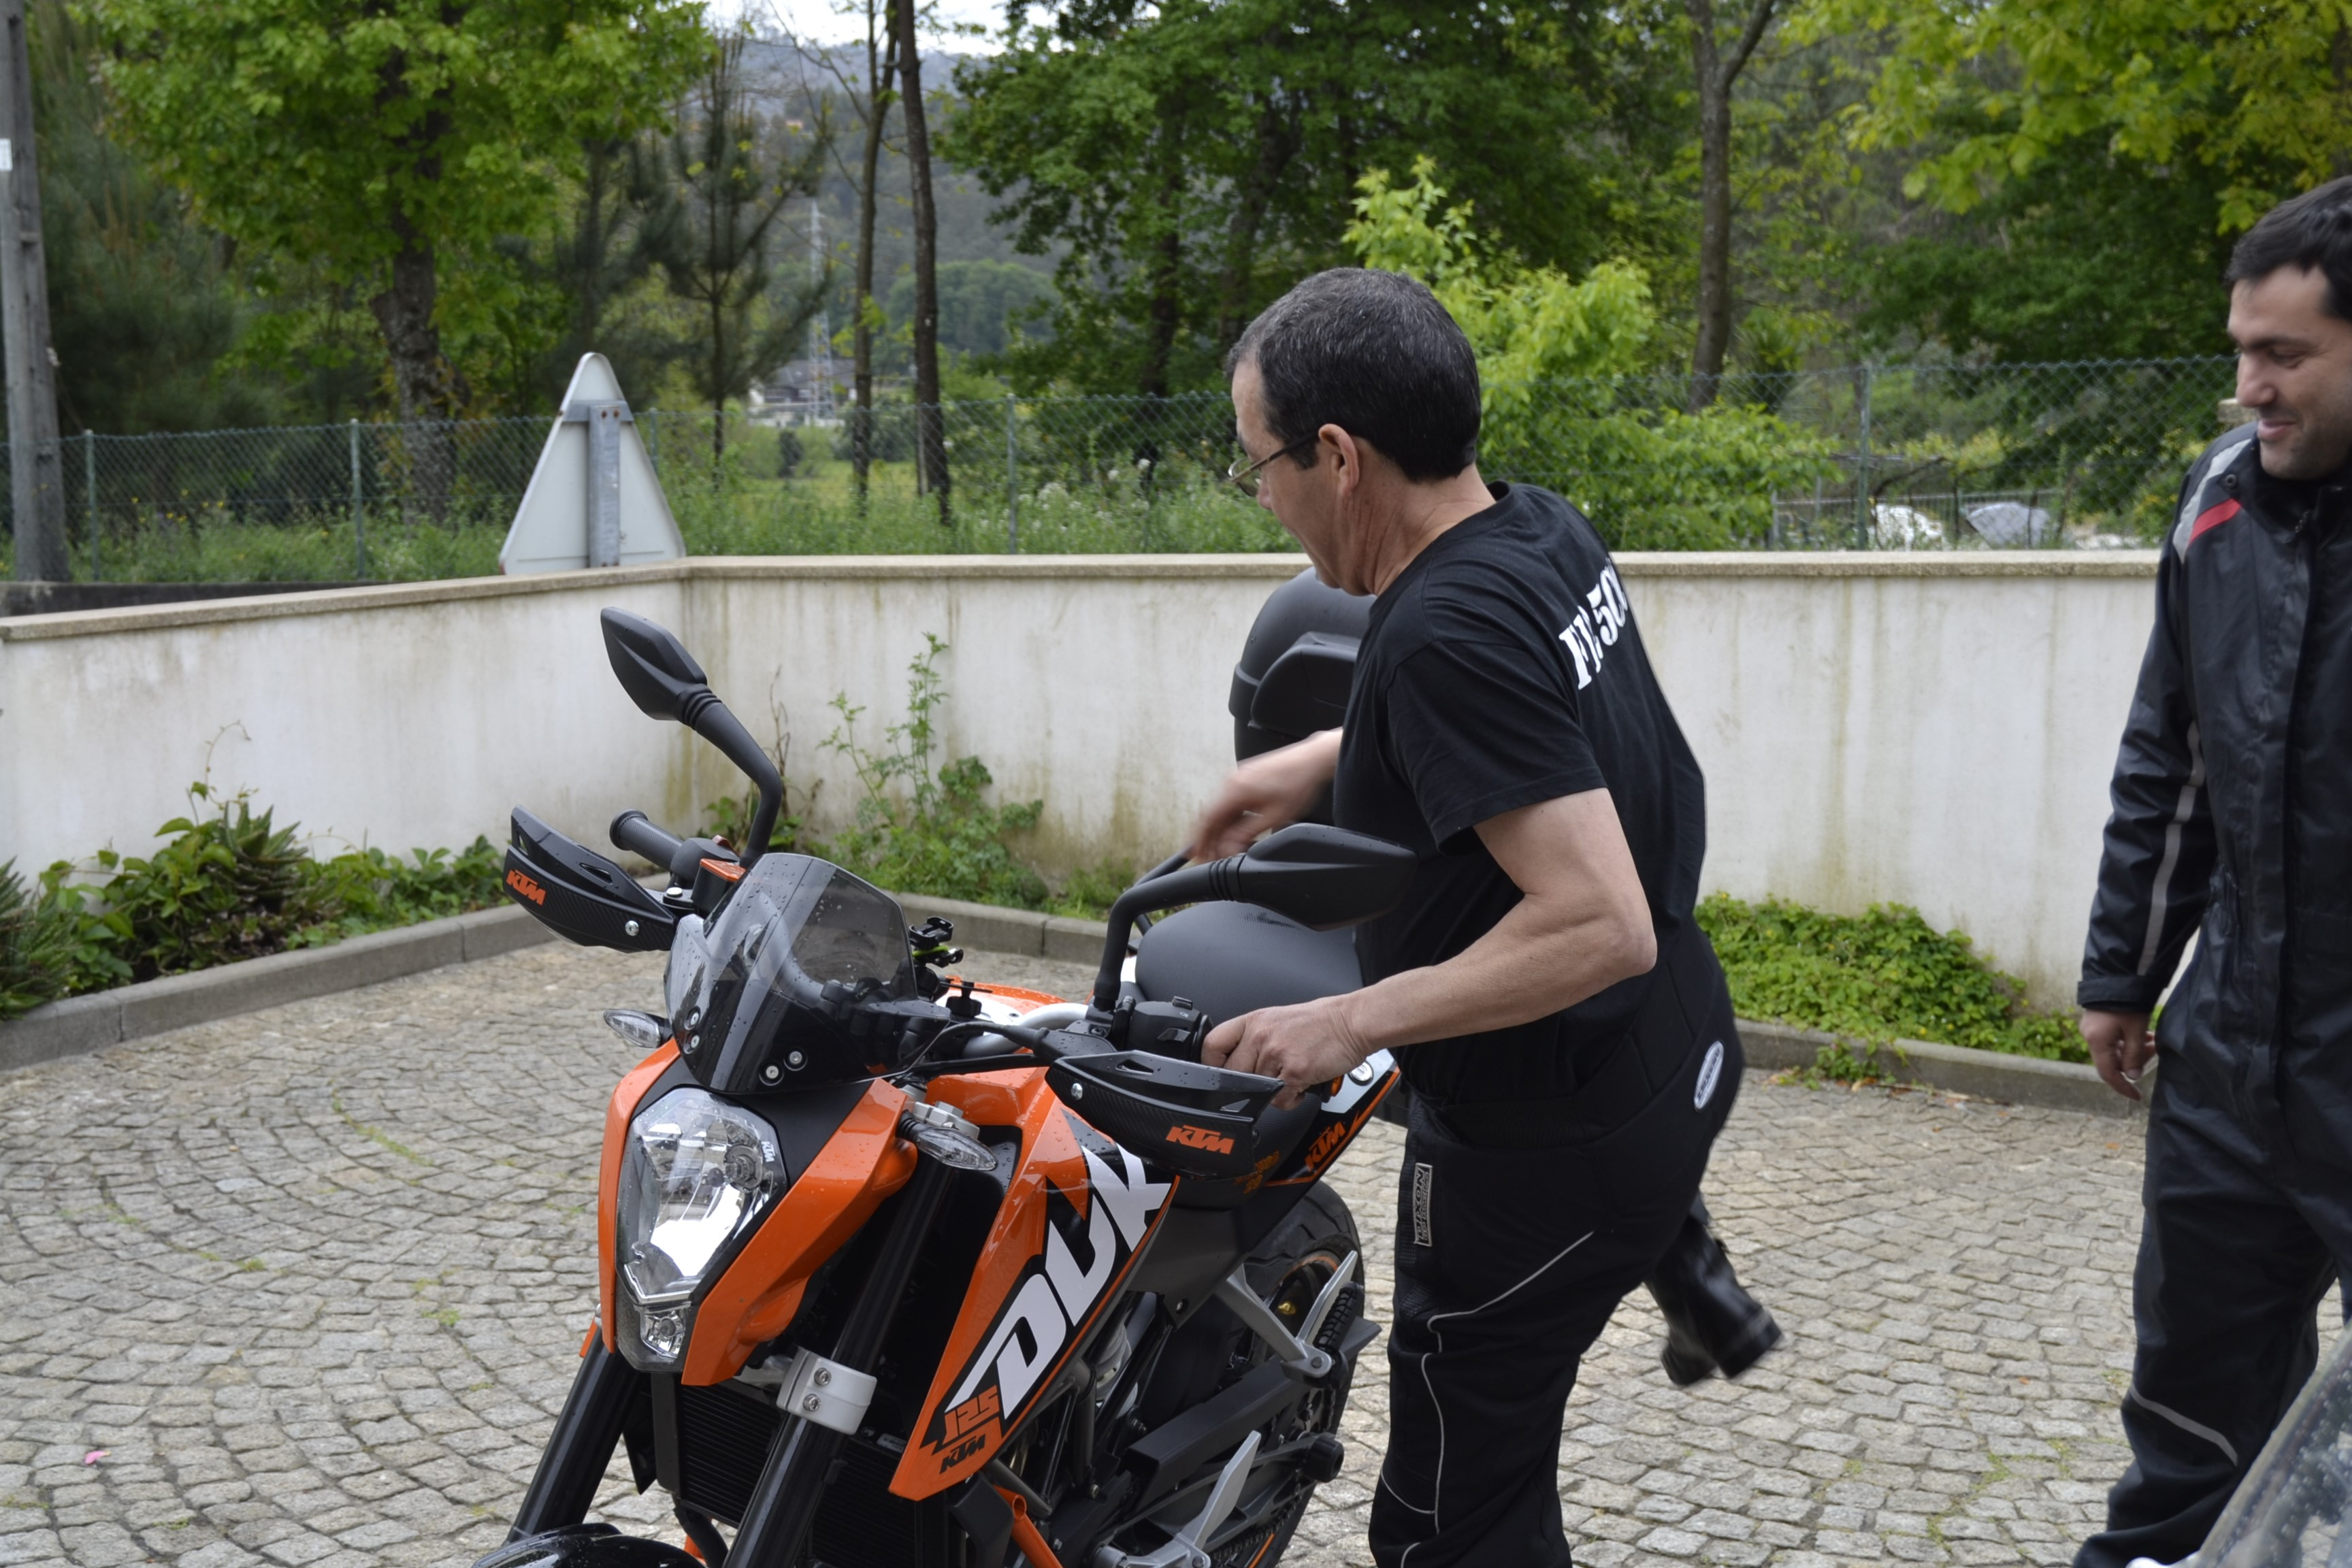 Dia do Motociclista - Viana do Castelo - 27.Abril.2014 - Página 6 14039363806_ccde8ff61d_o